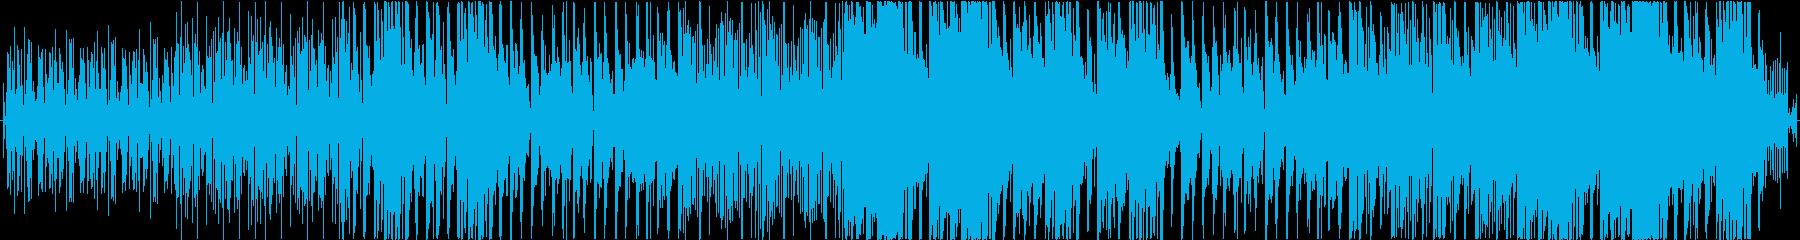 3拍子ニューエイジ系 穏やかの再生済みの波形